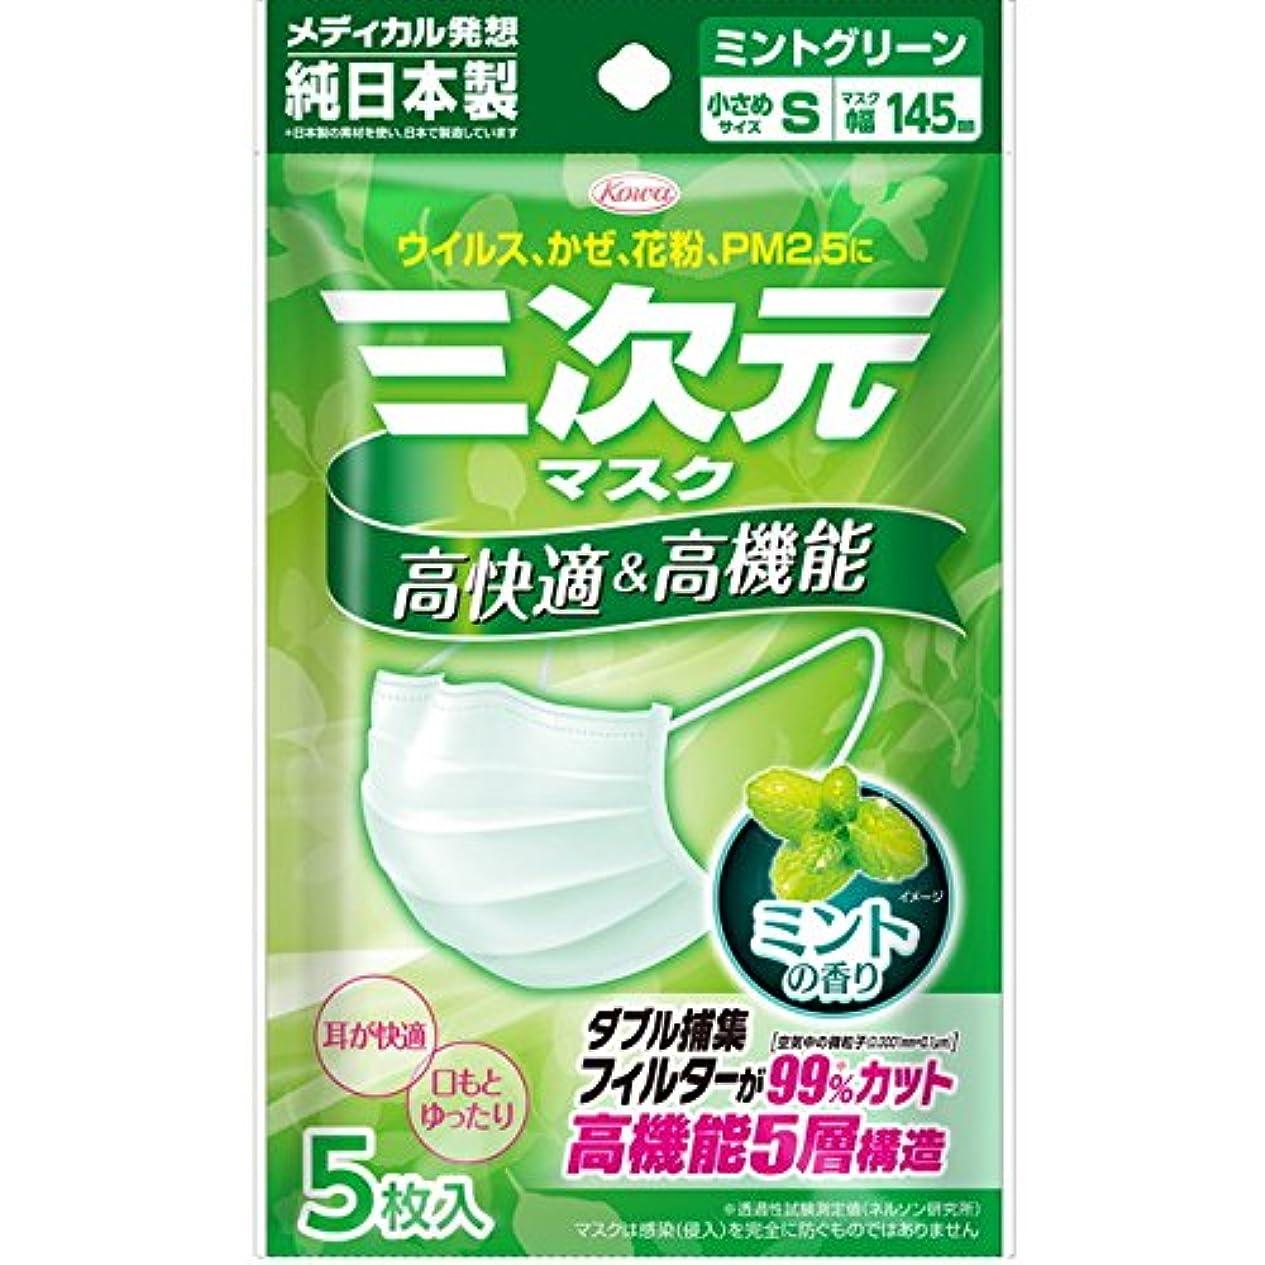 アフリカ人ベーシック規範(興和新薬)三次元マスク ミントの香り グリーン 小さめSサイズ 5枚入(お買い得5個セット)